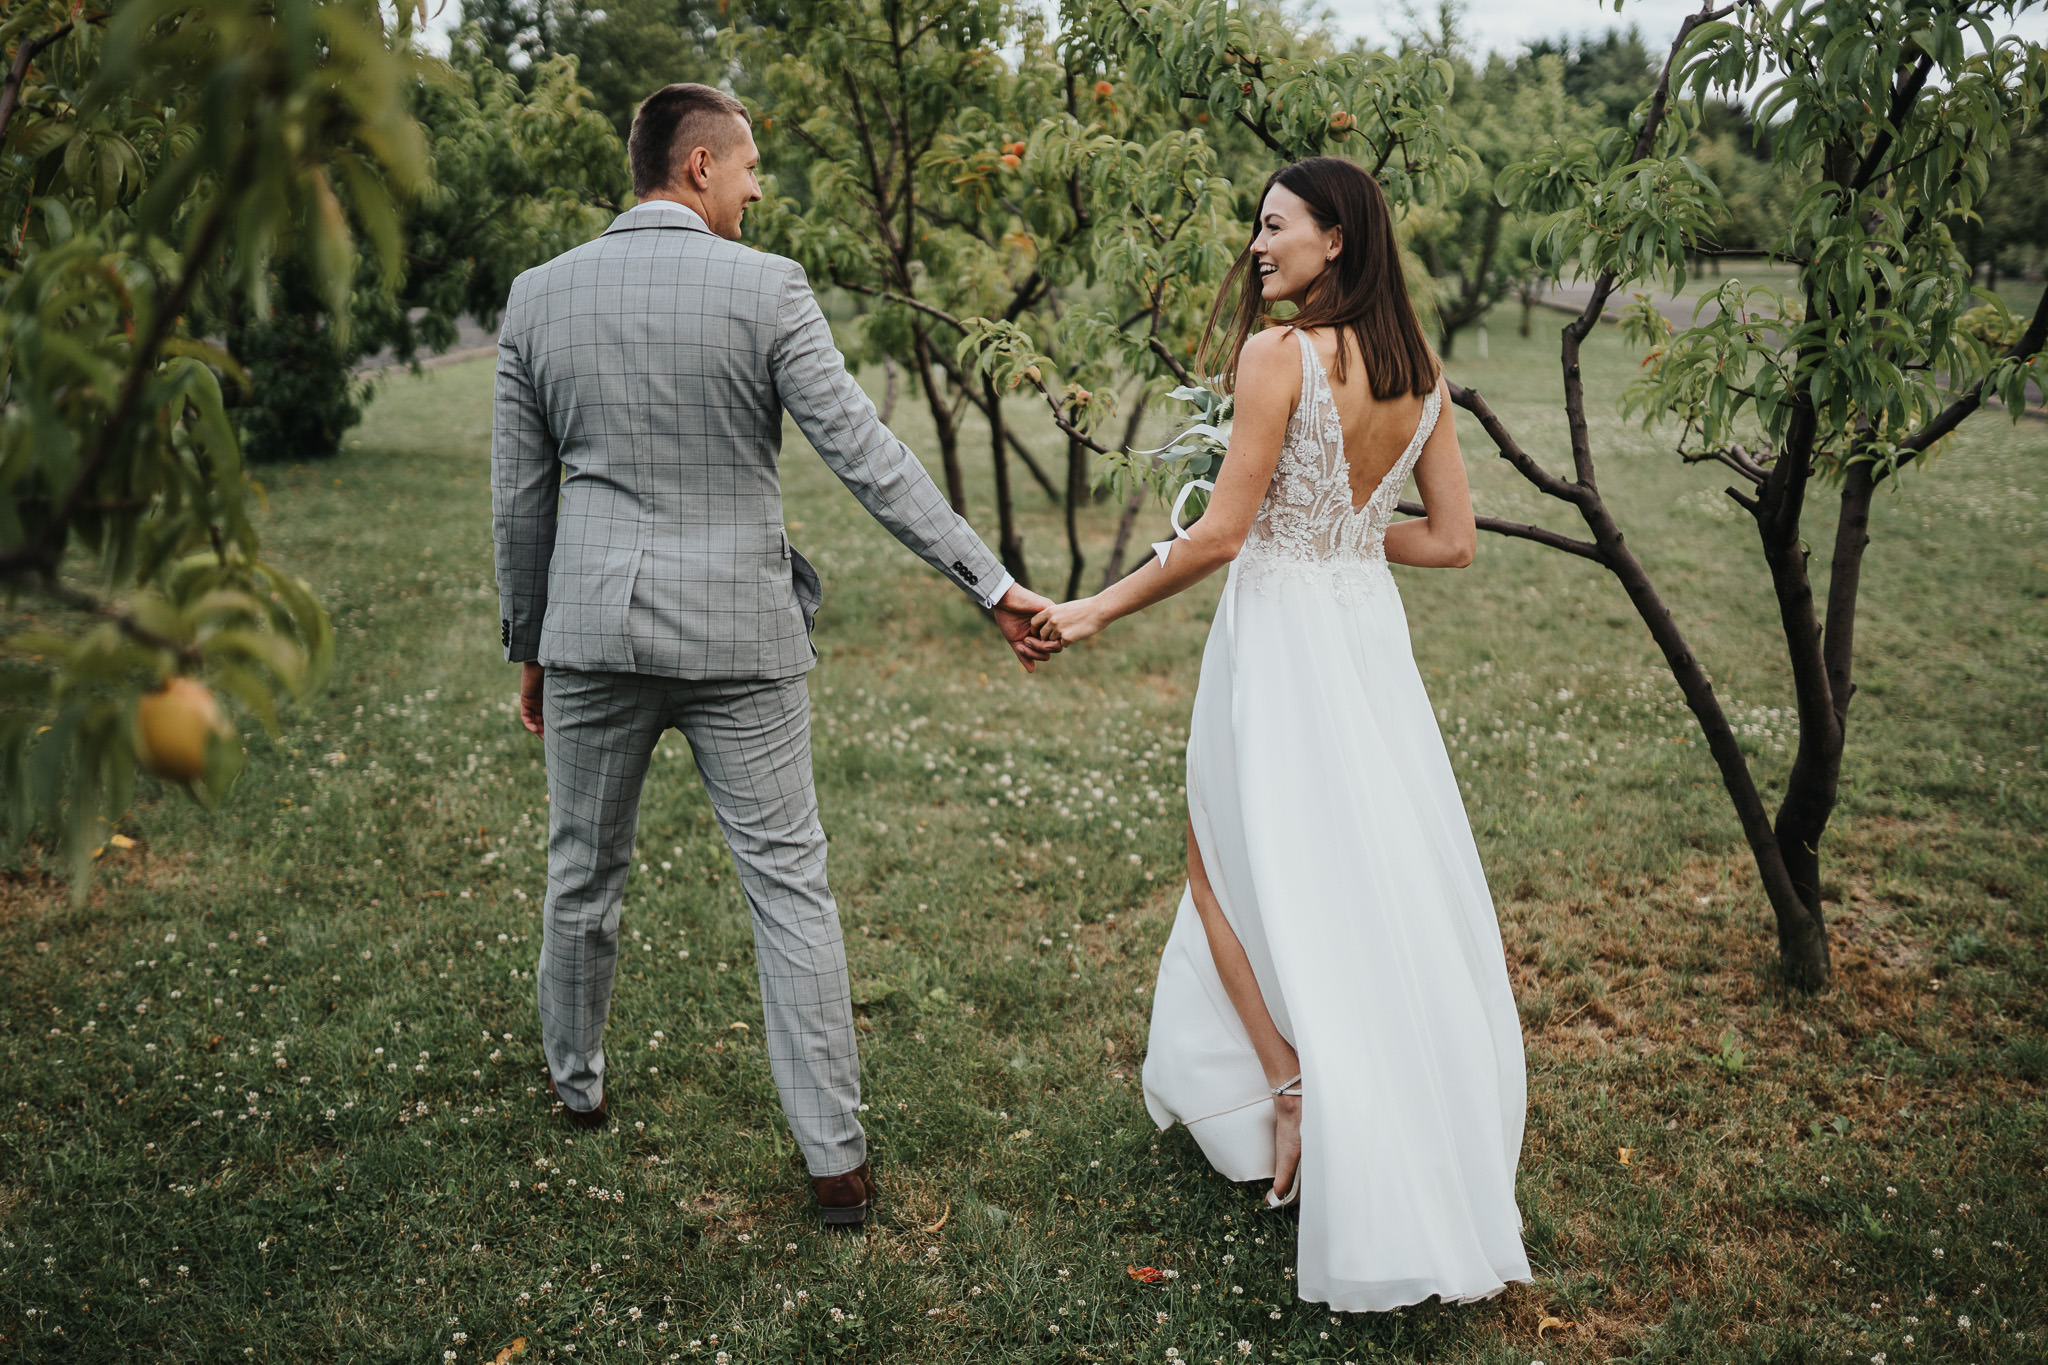 Sesja poślubna w oranżerii 36